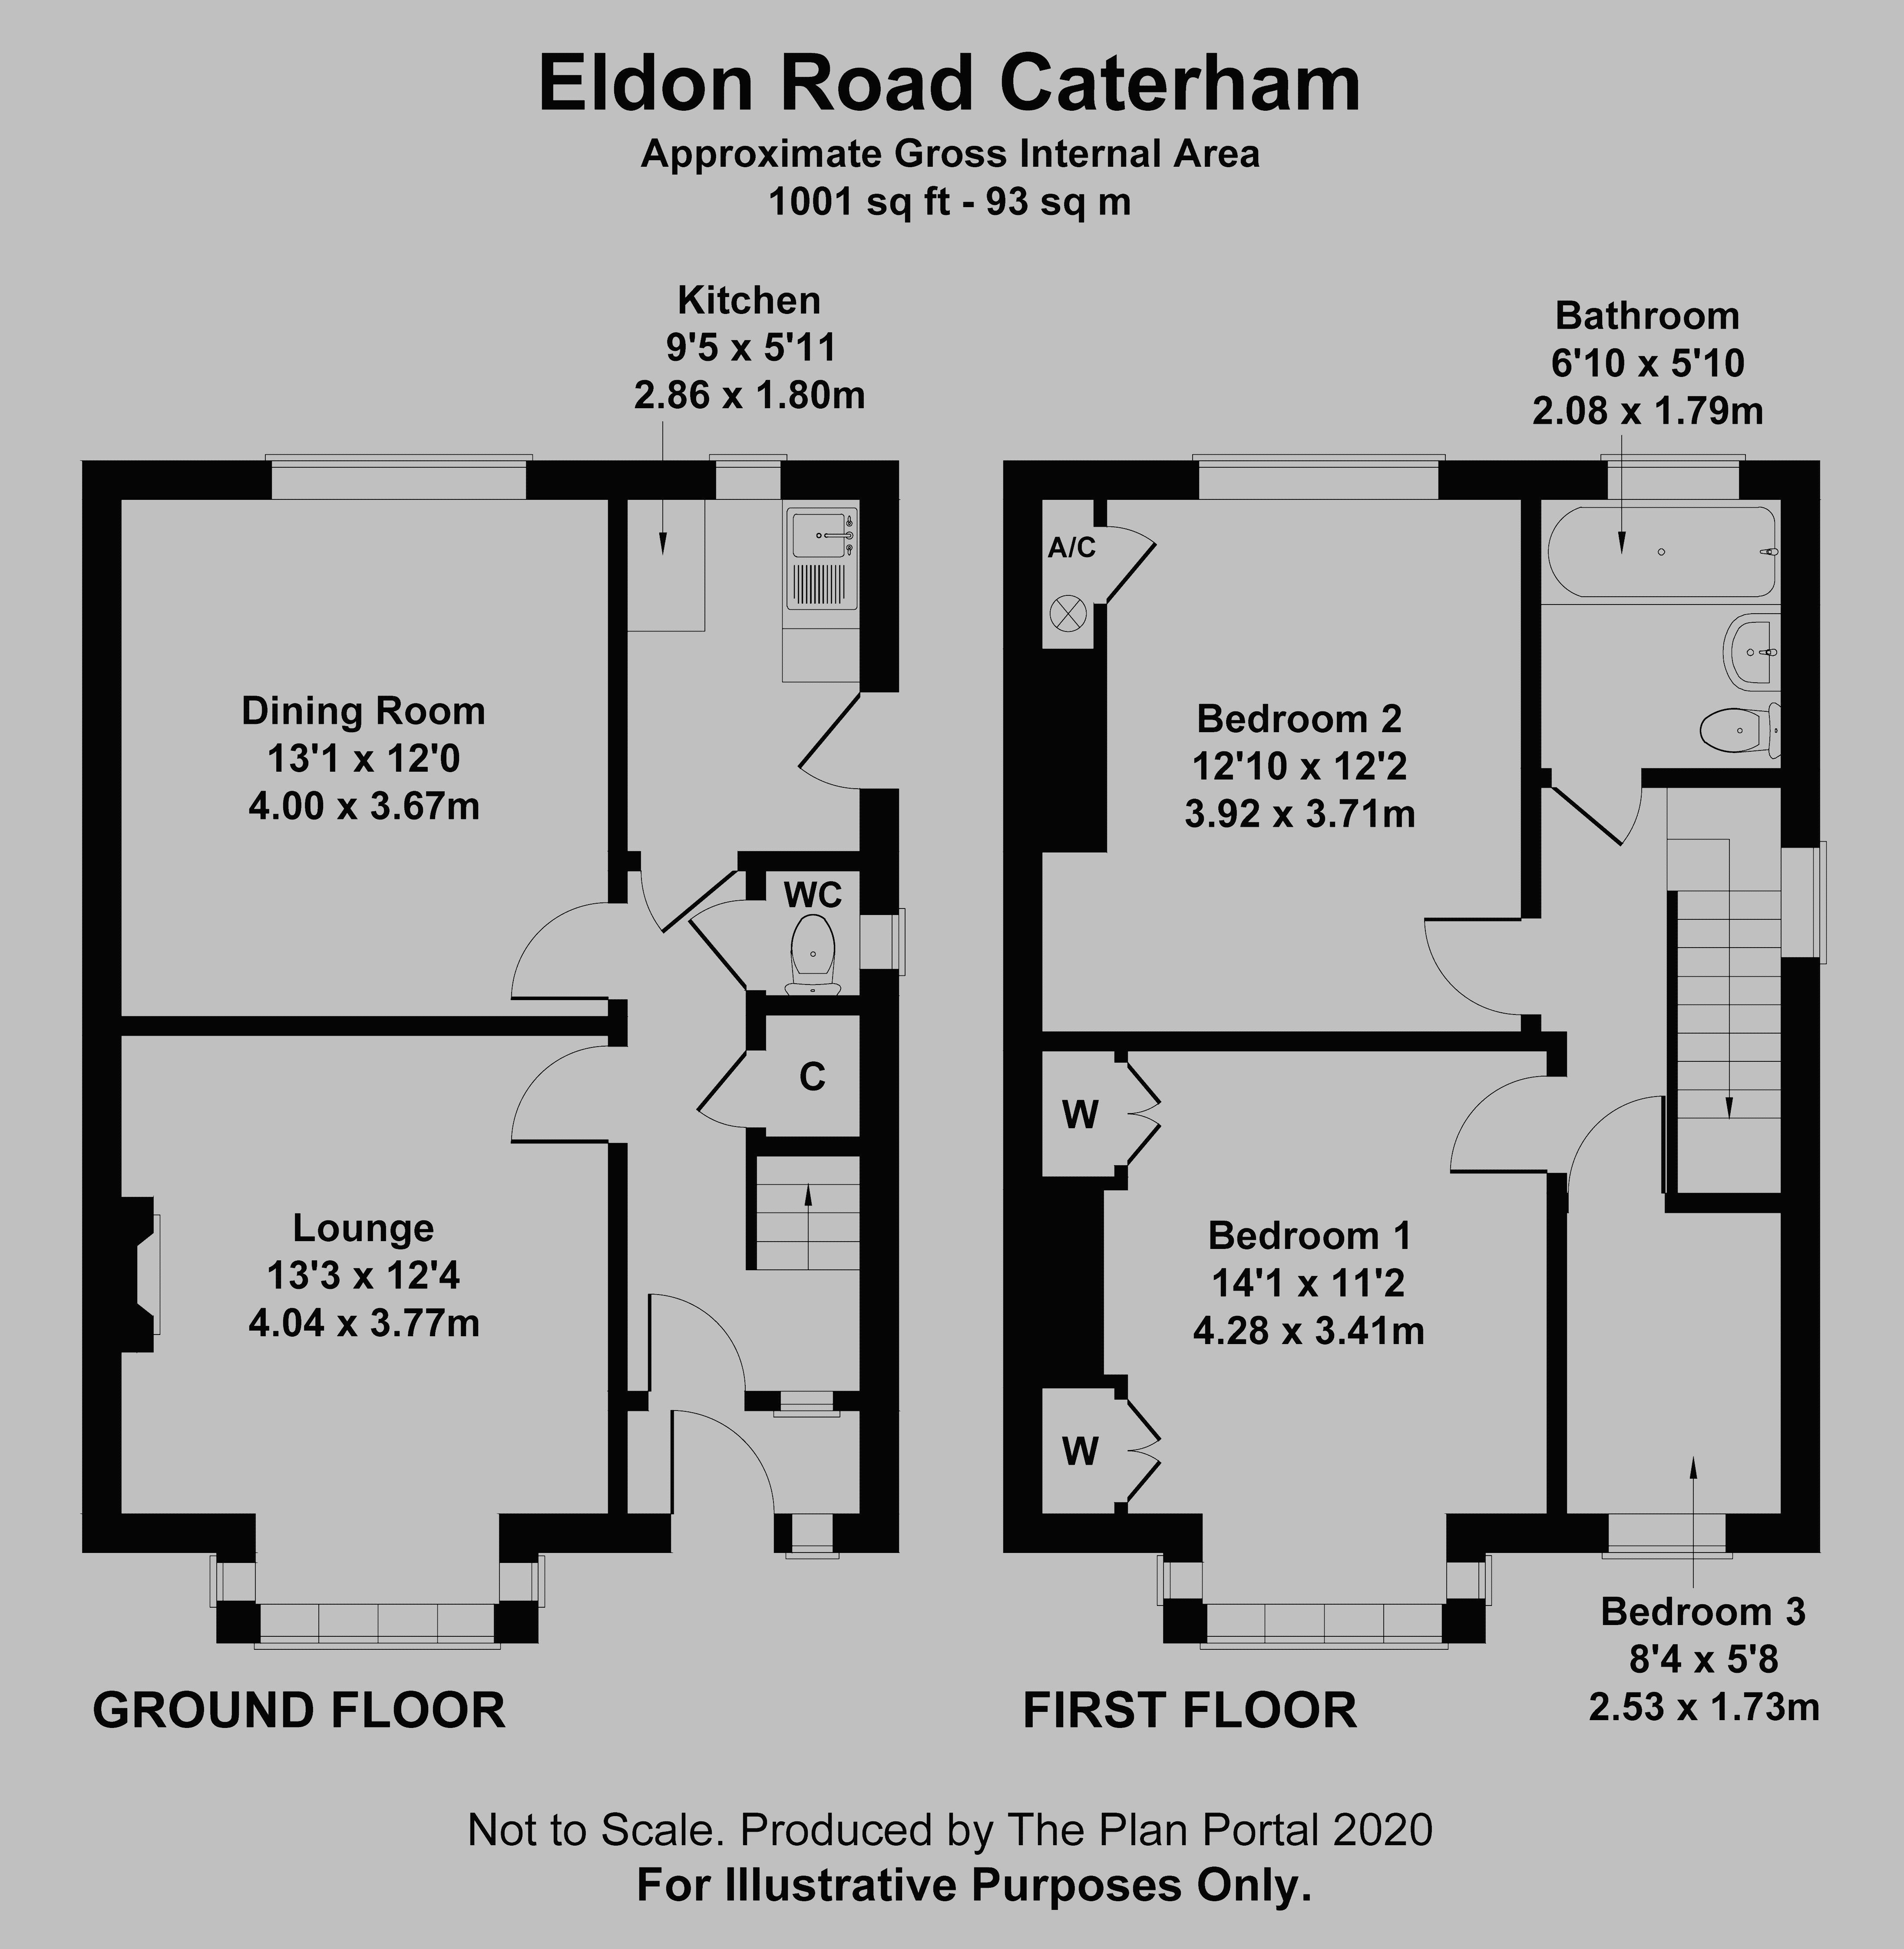 Eldon Road